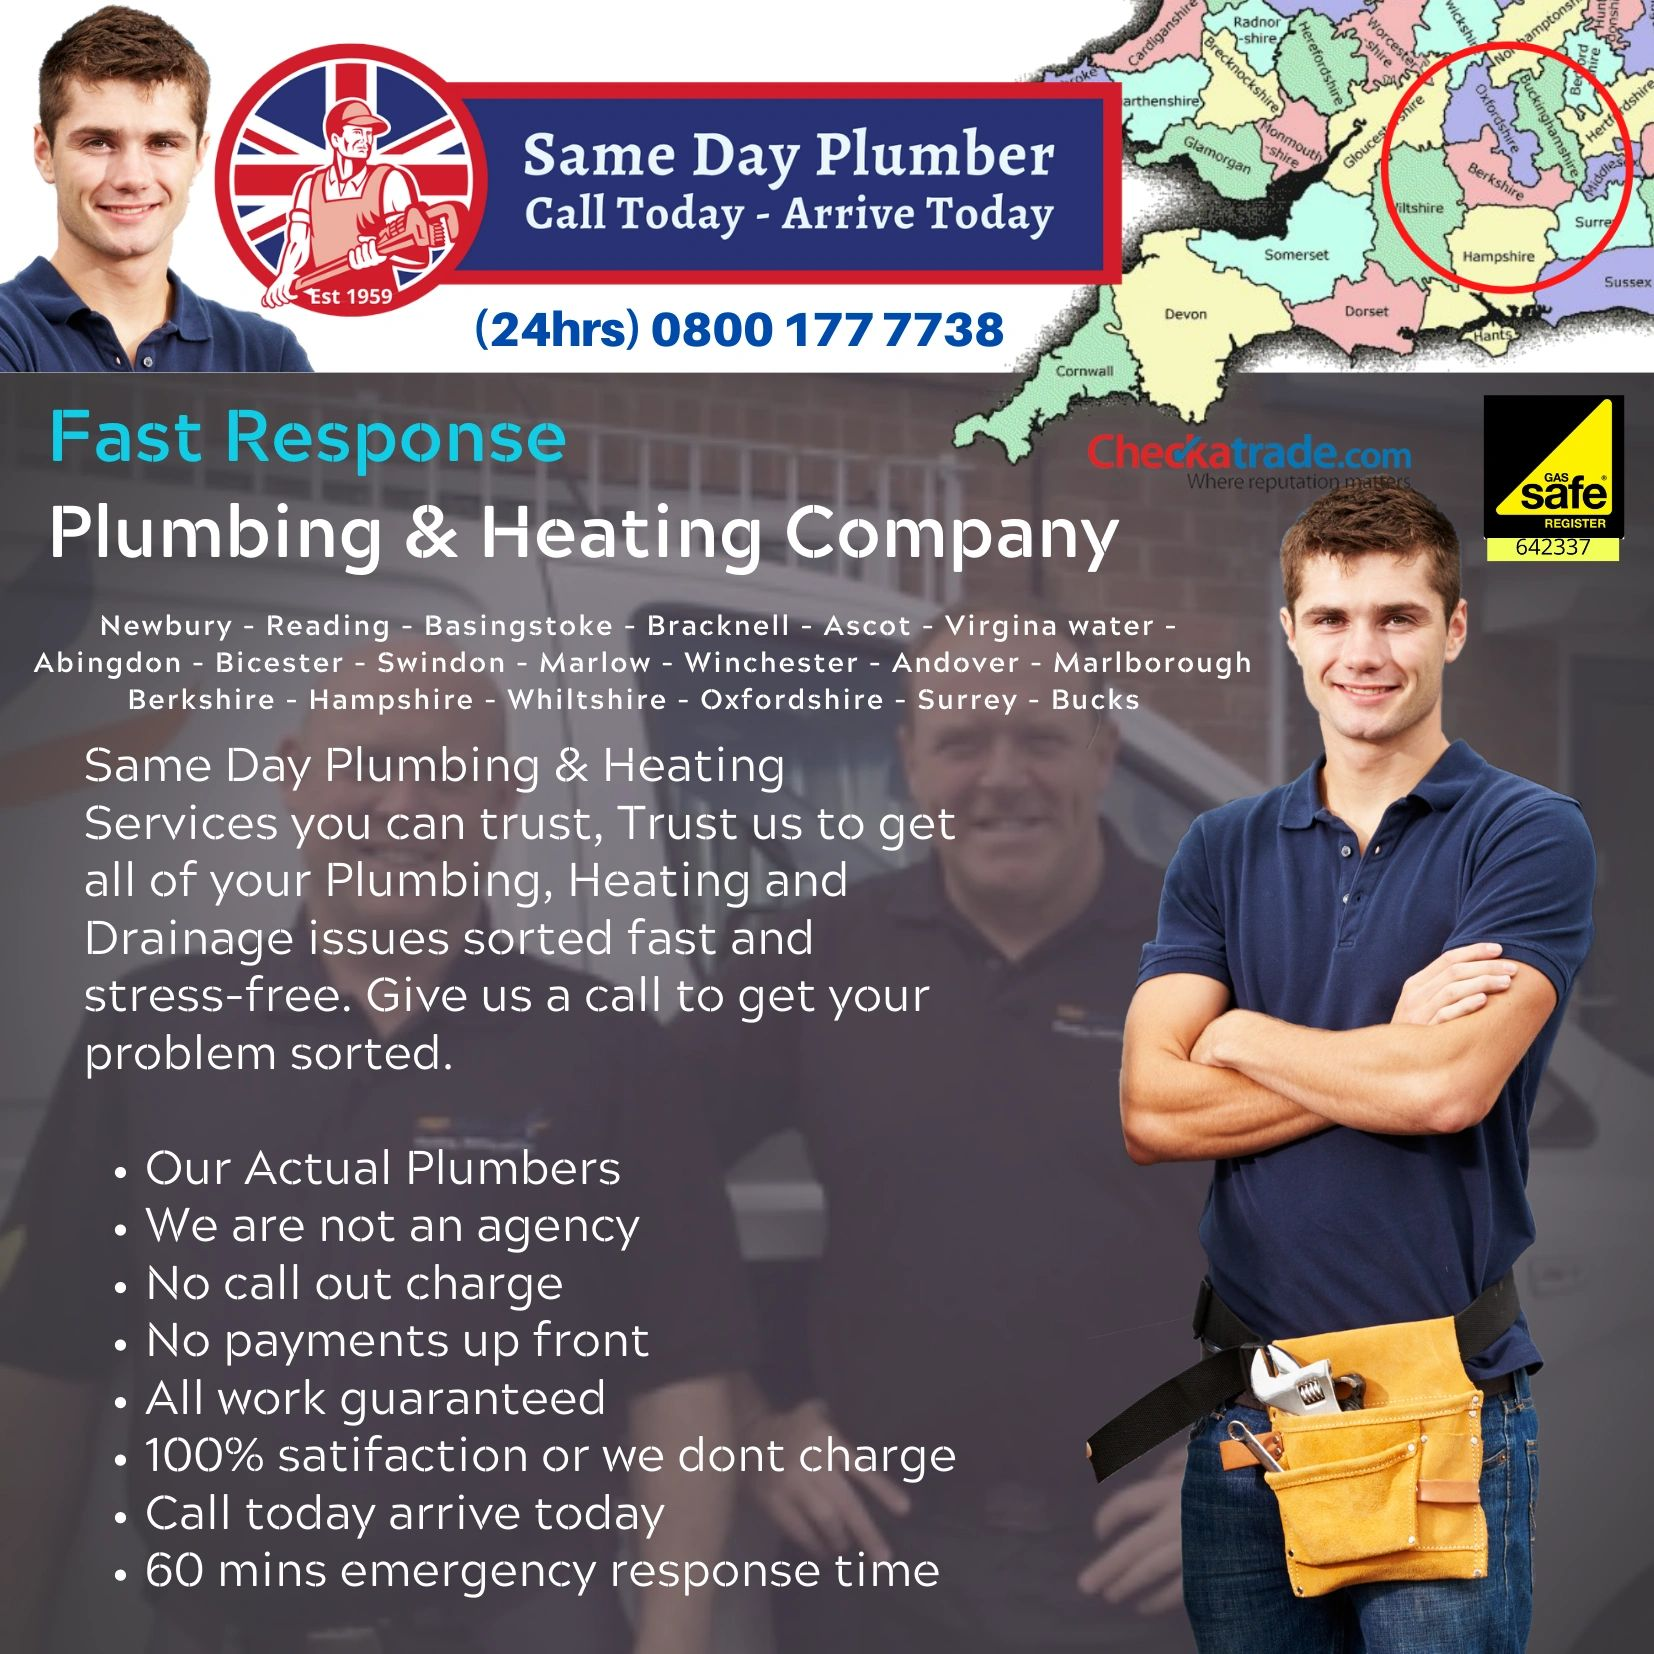 sameday-plumber.co.uk twitter:image